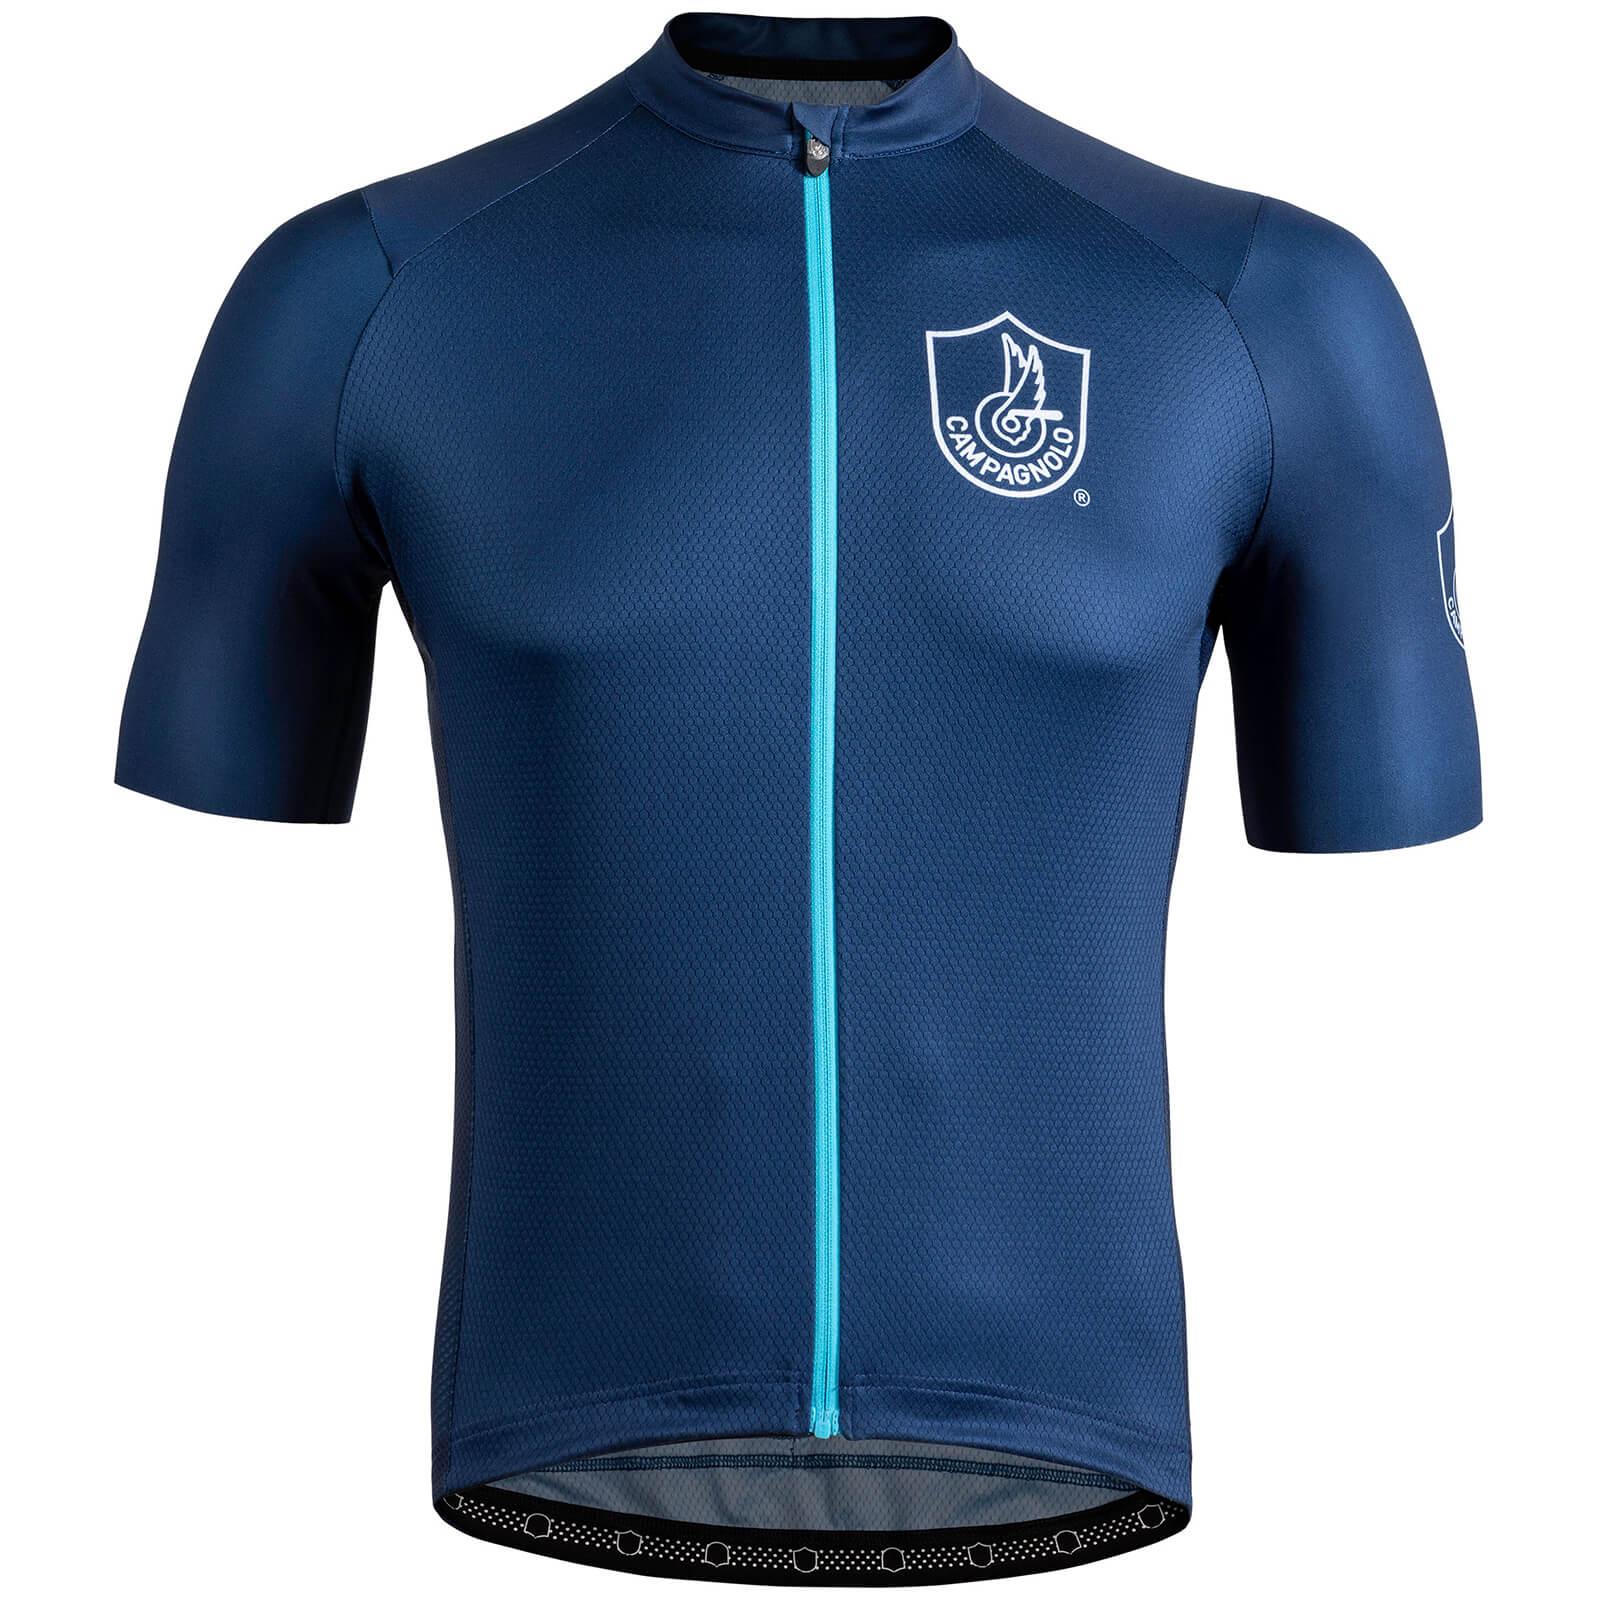 Nalini Campagnolo Cobalto Jersey - L - Blue